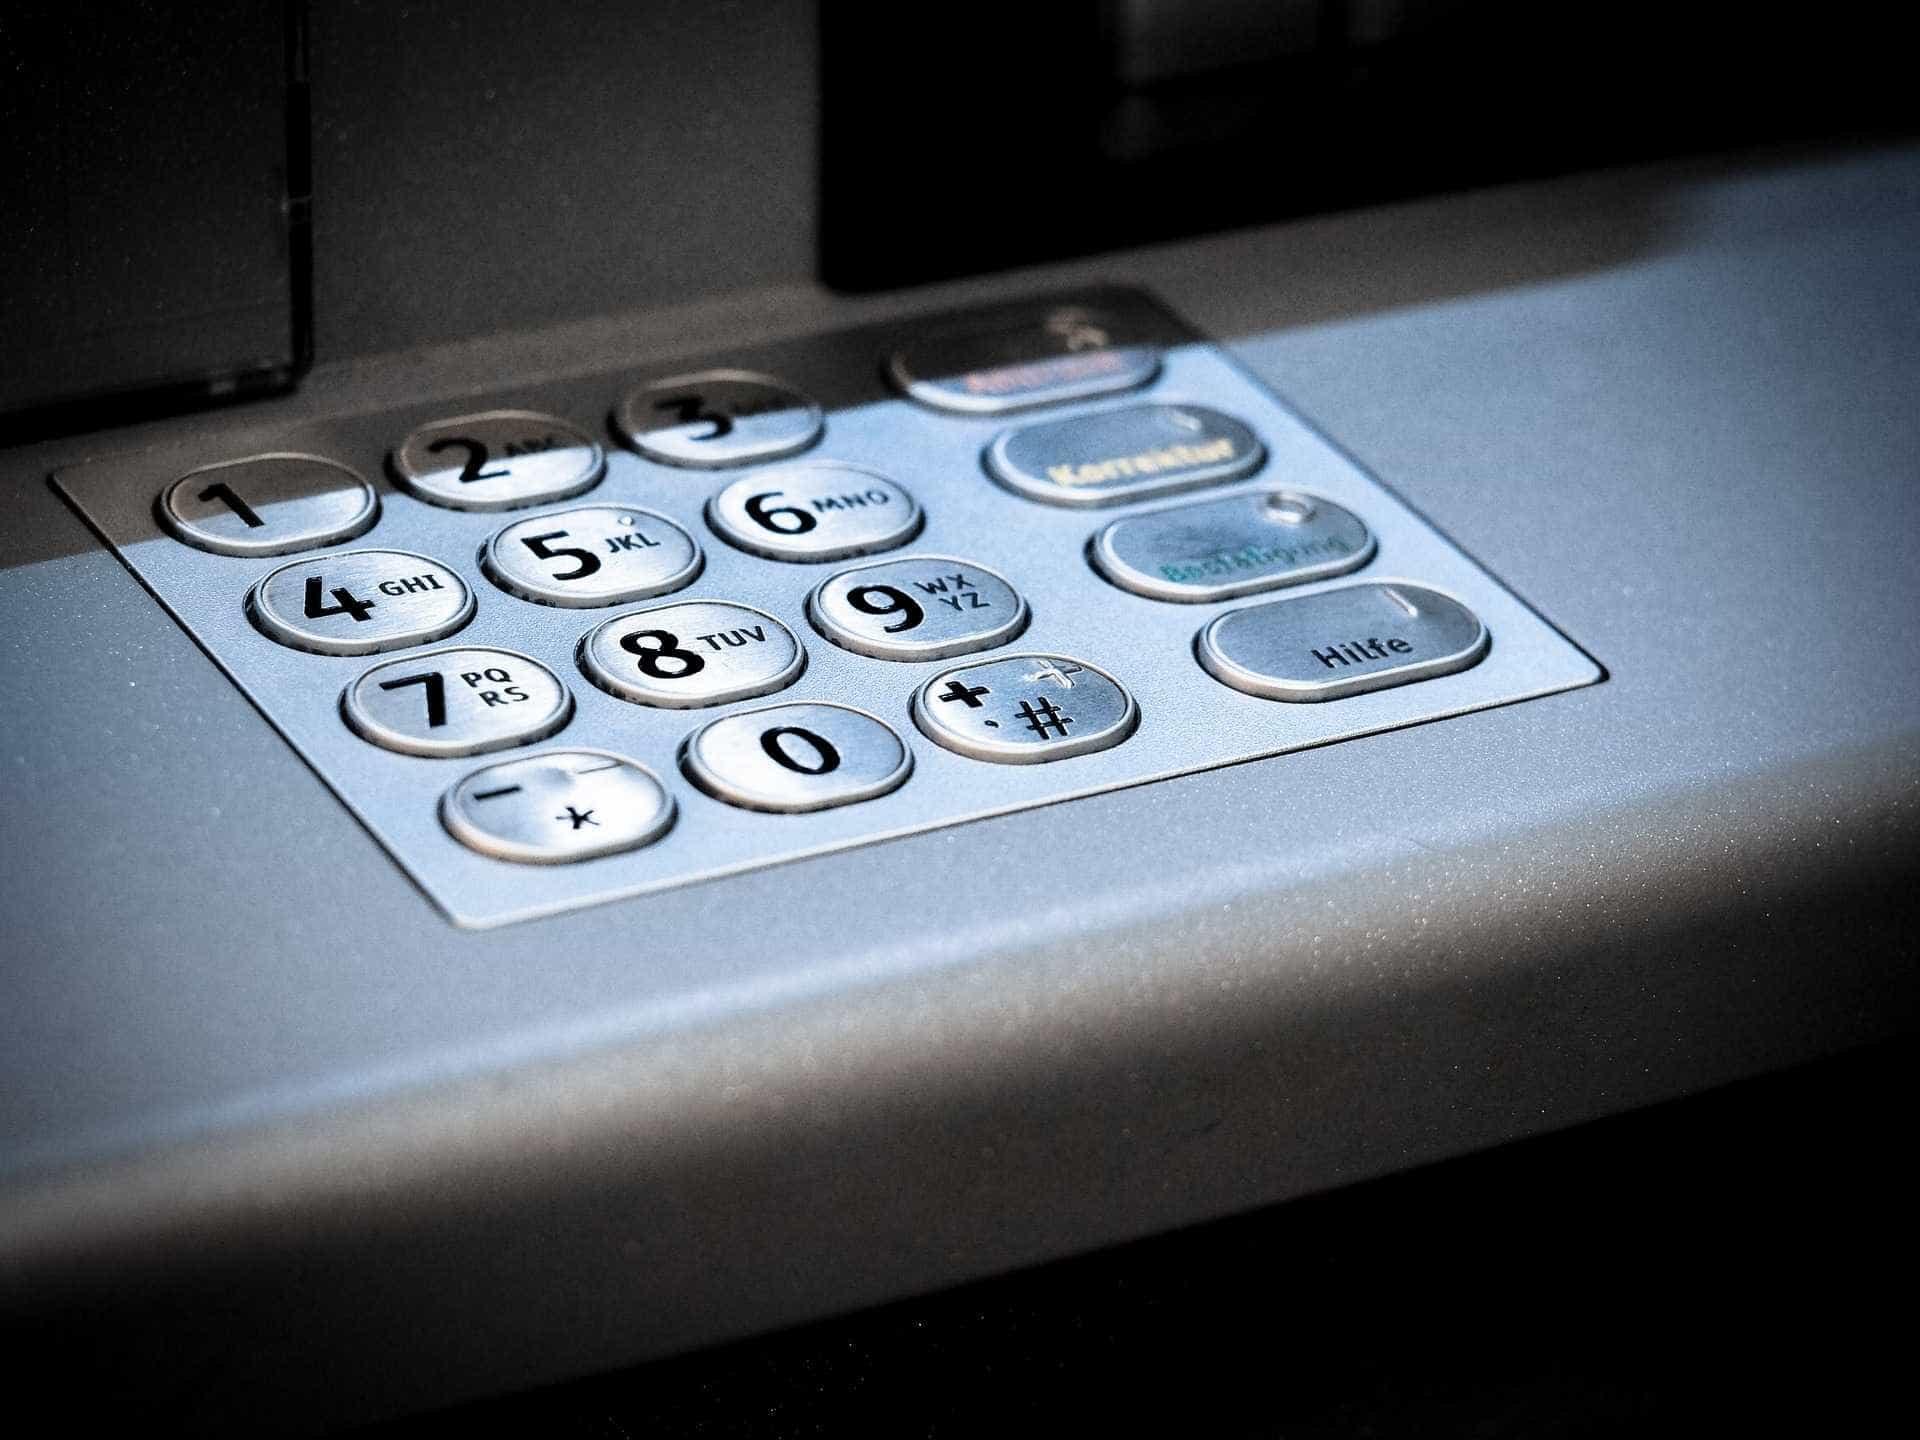 Caixa deve devolver R$ 34 mil a cliente por movimentações fraudulentas